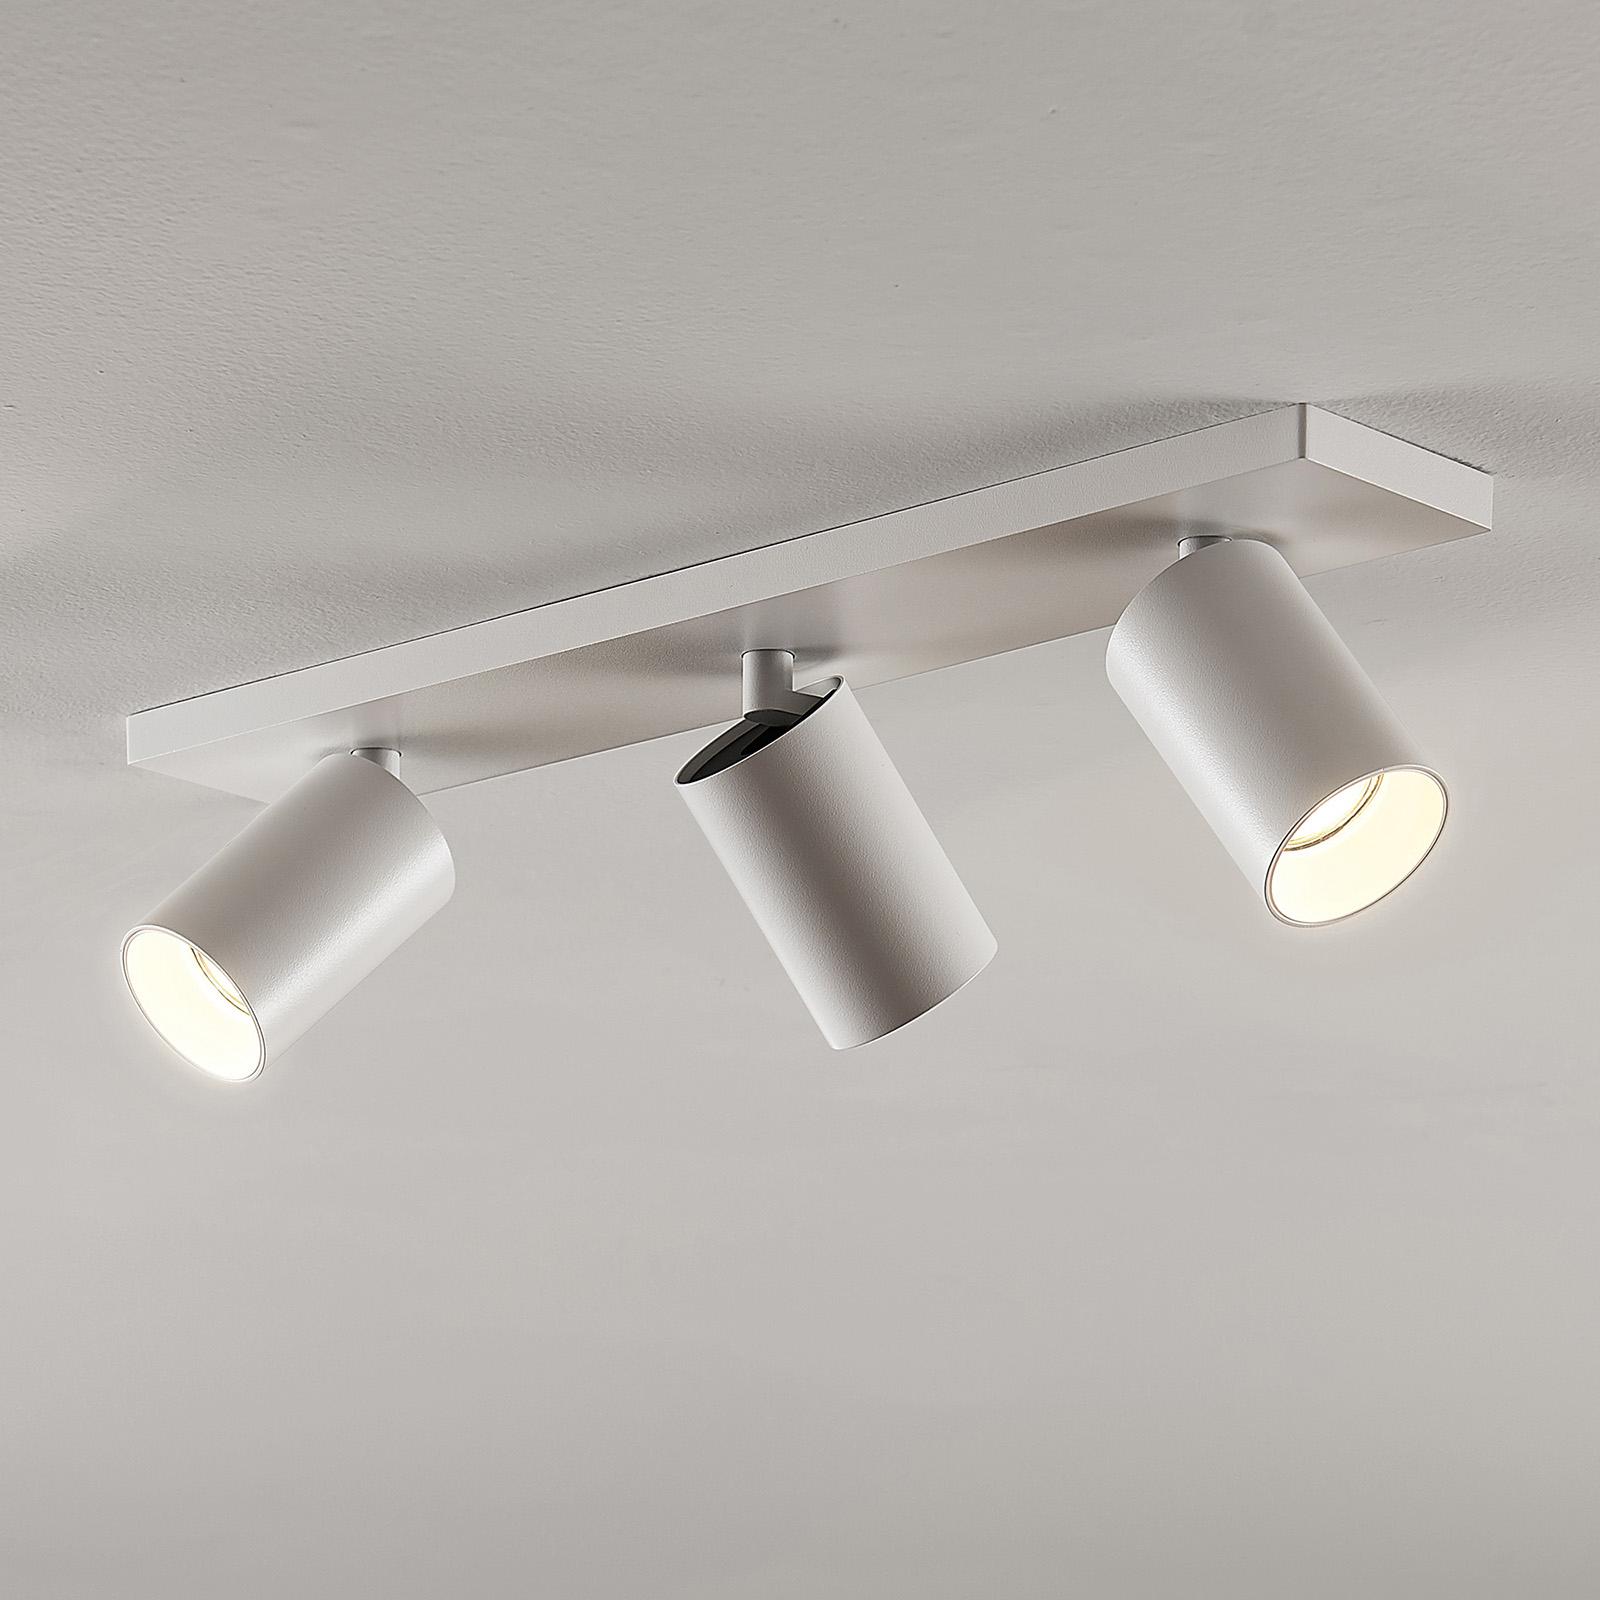 Kohdevalo Brinja GU10 valkoinen 3 lamppua